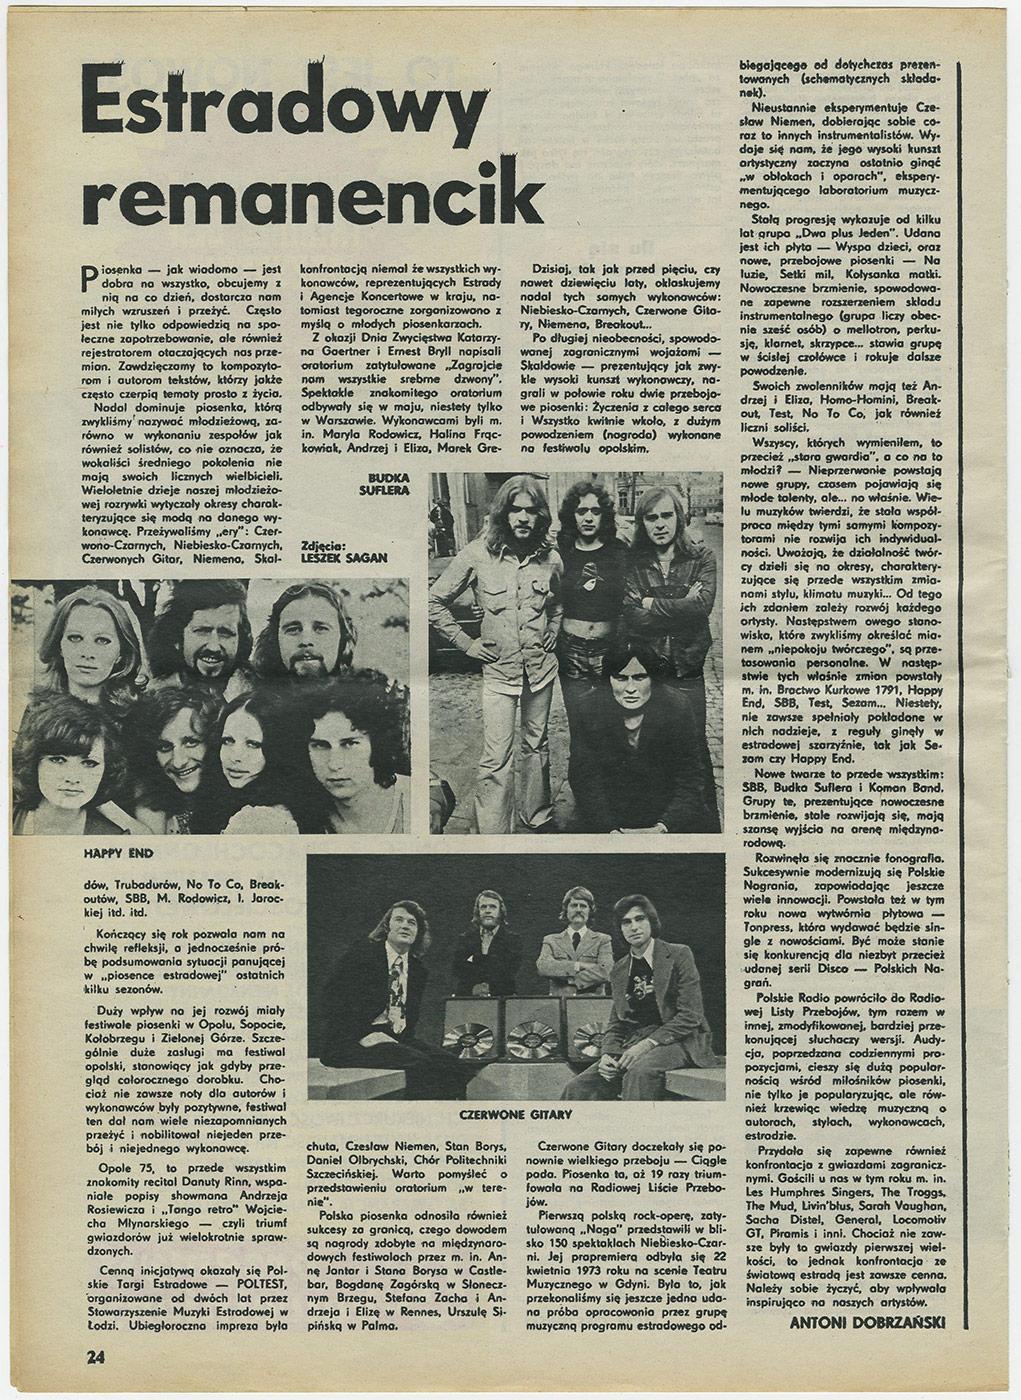 CzG_1975_panorama_1975_01019